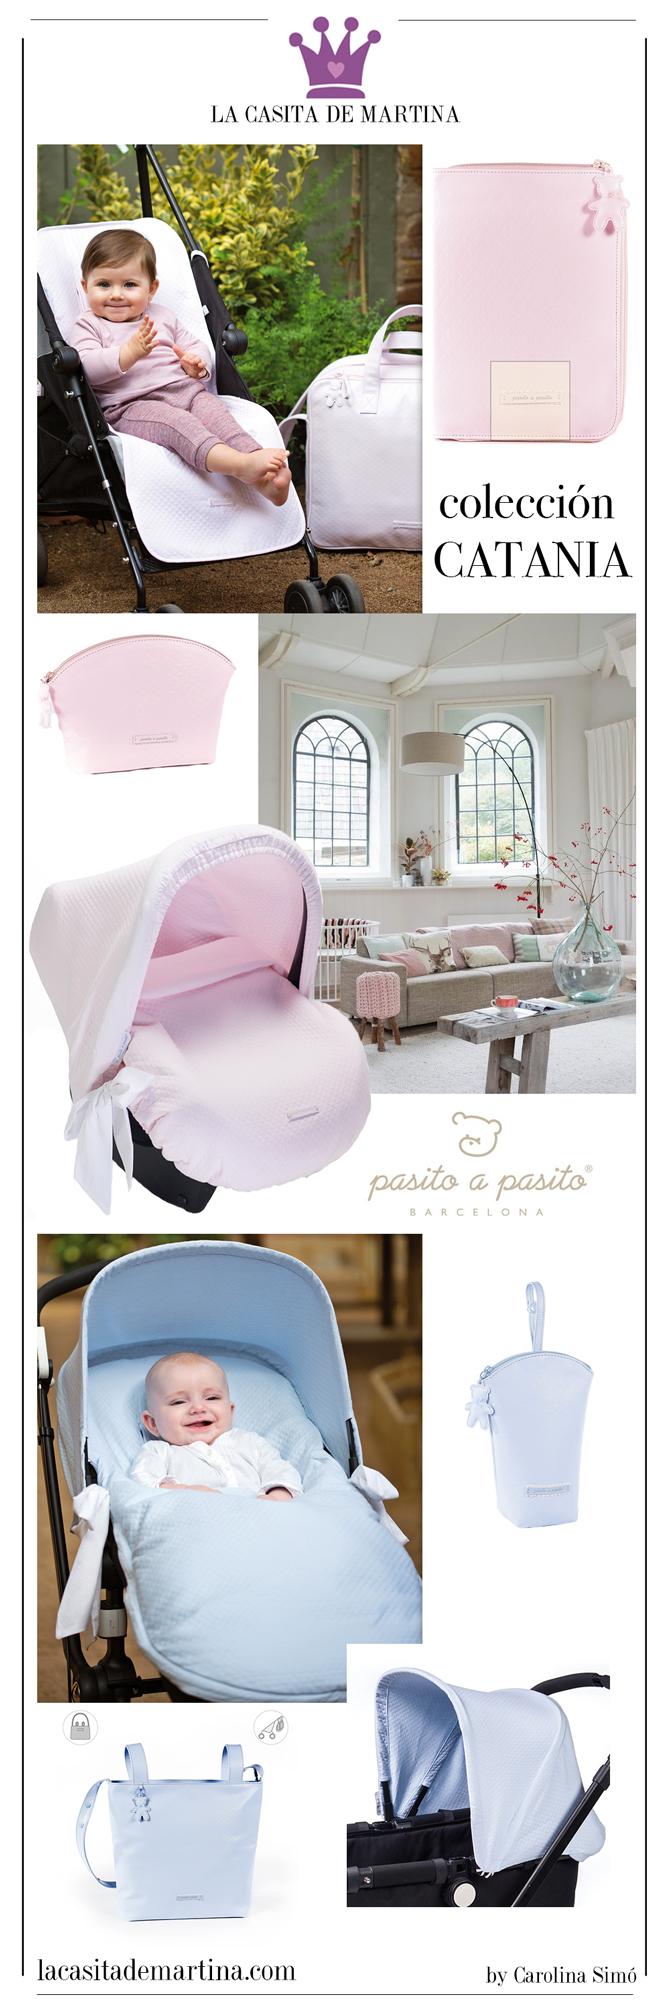 Pasito a Pasito, Blog de Moda Infantil, Fundas cochecito bebe, La casita de Martina